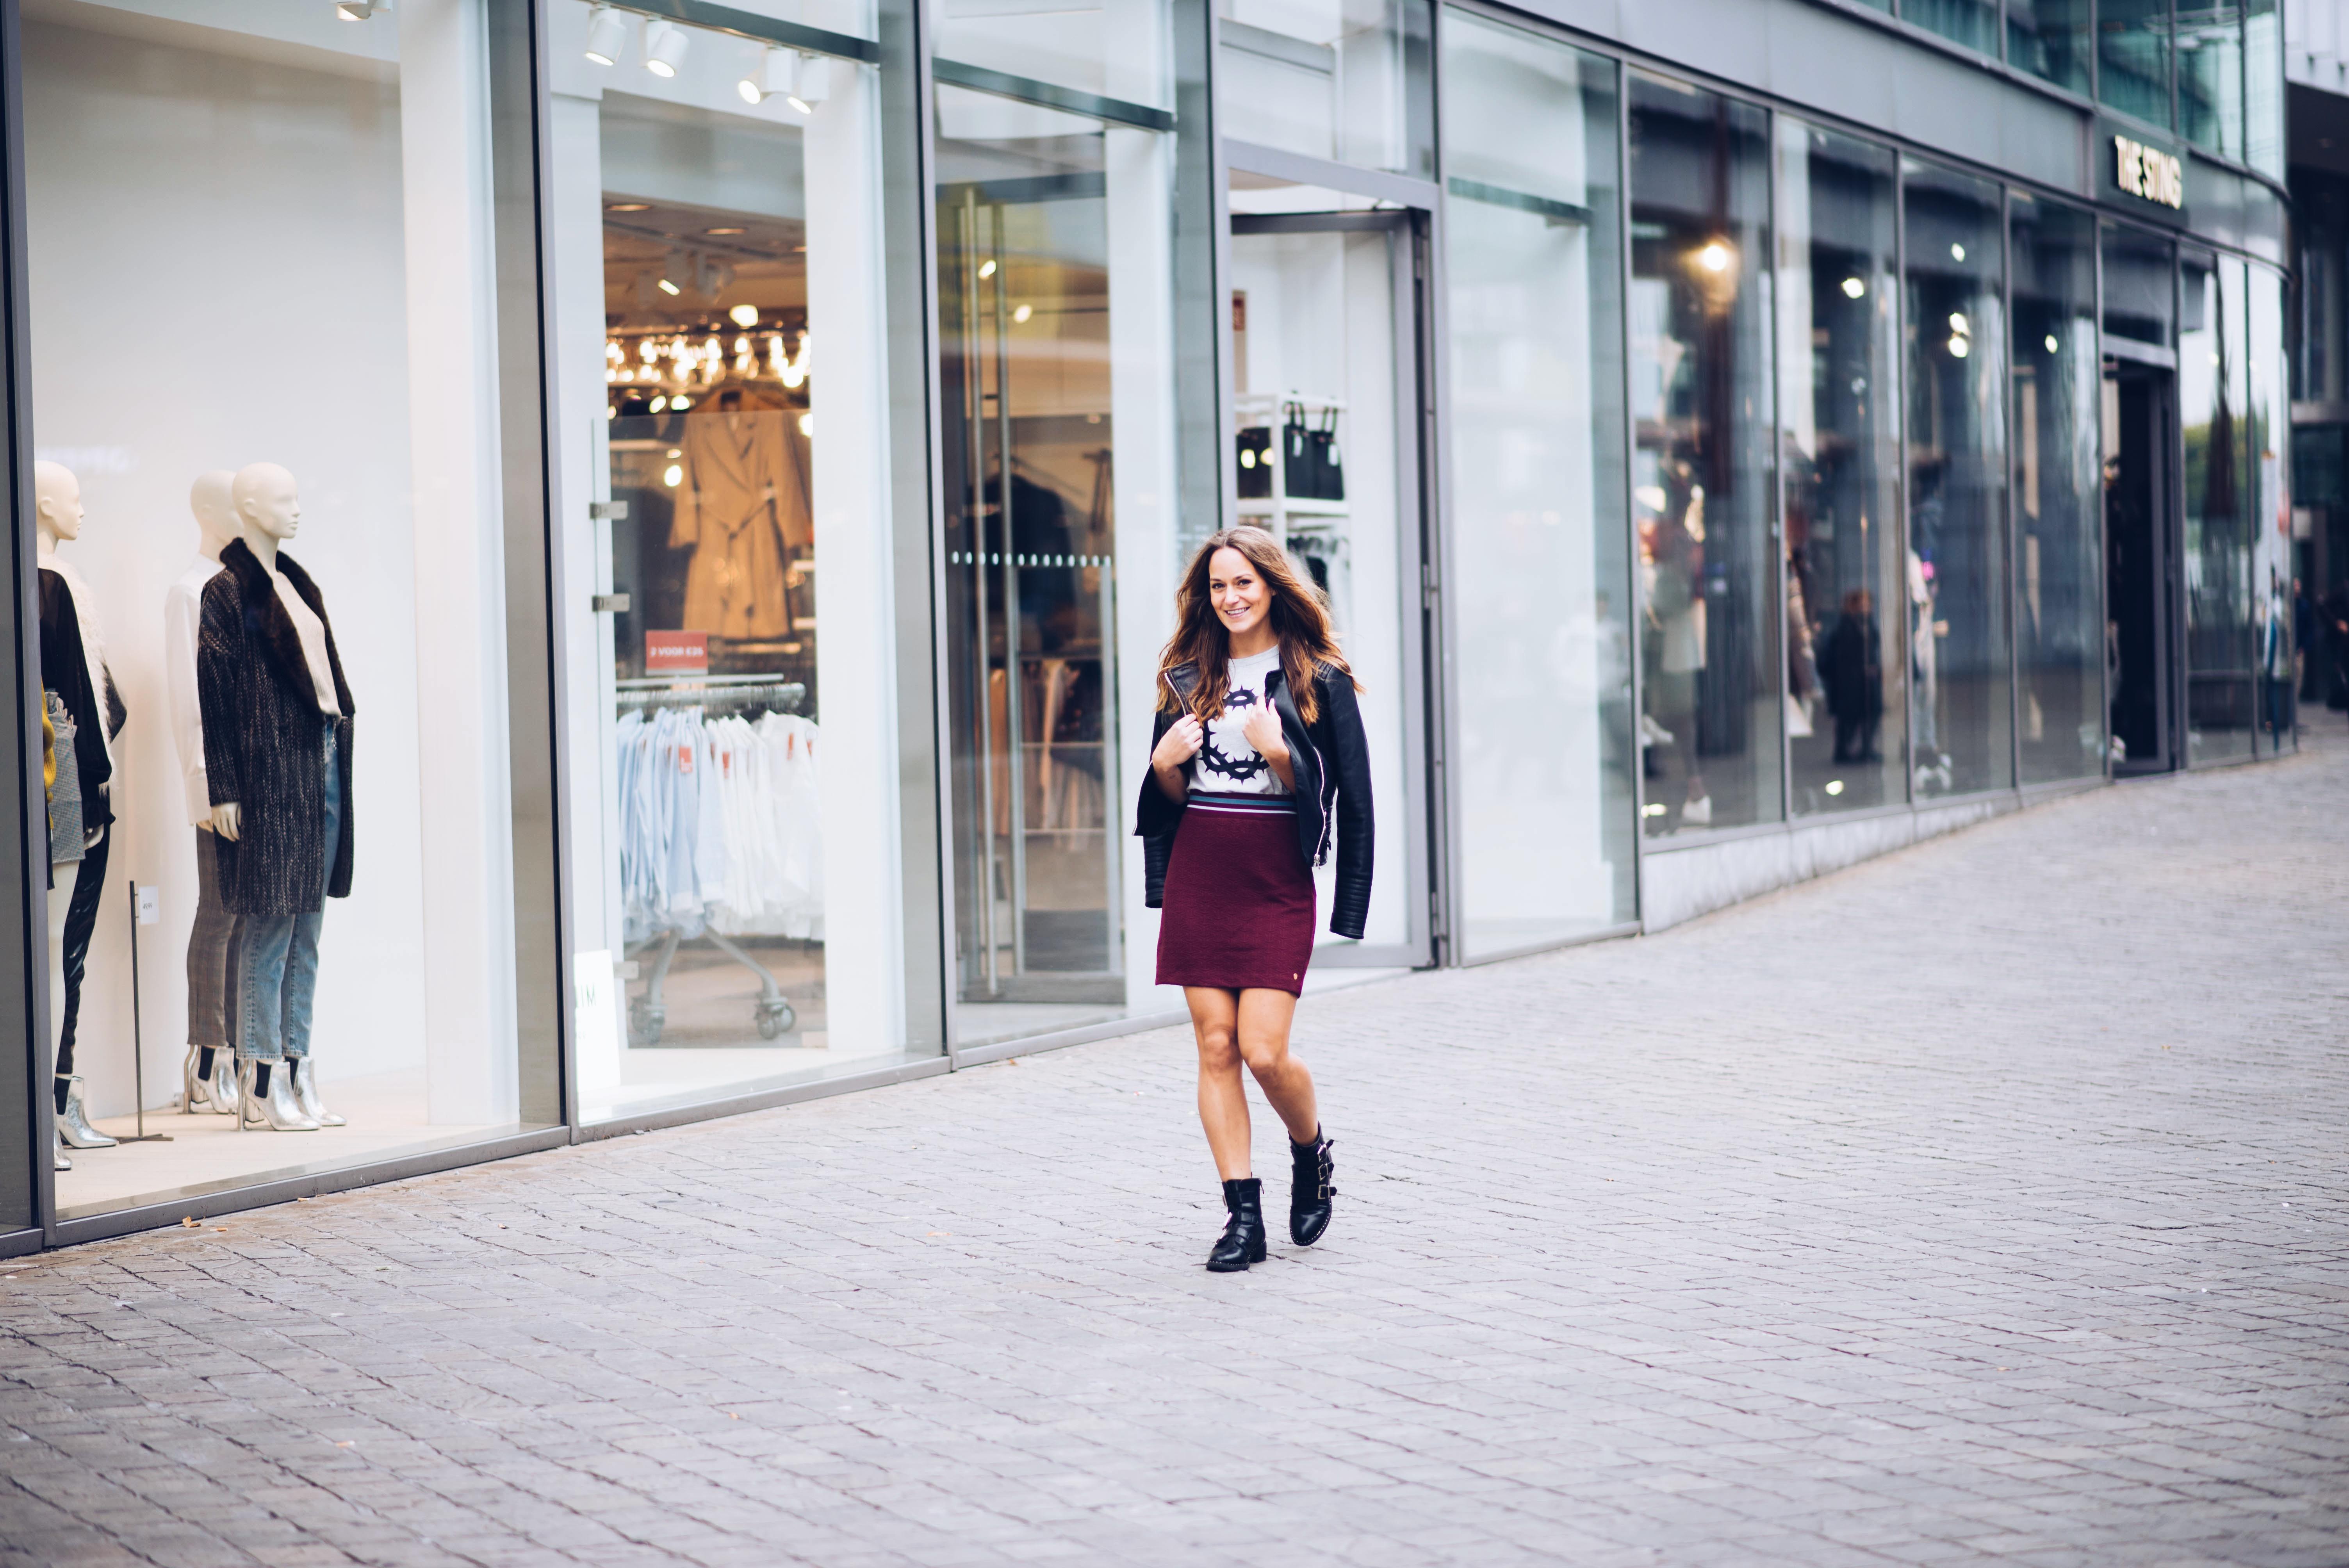 gsus, outfit, wiw, ootd, wiwt, fashion, fashionista, look, autumn, dress, jurk, rok, rokje, jurkje, bomberjack, hoed, girl, me, happy